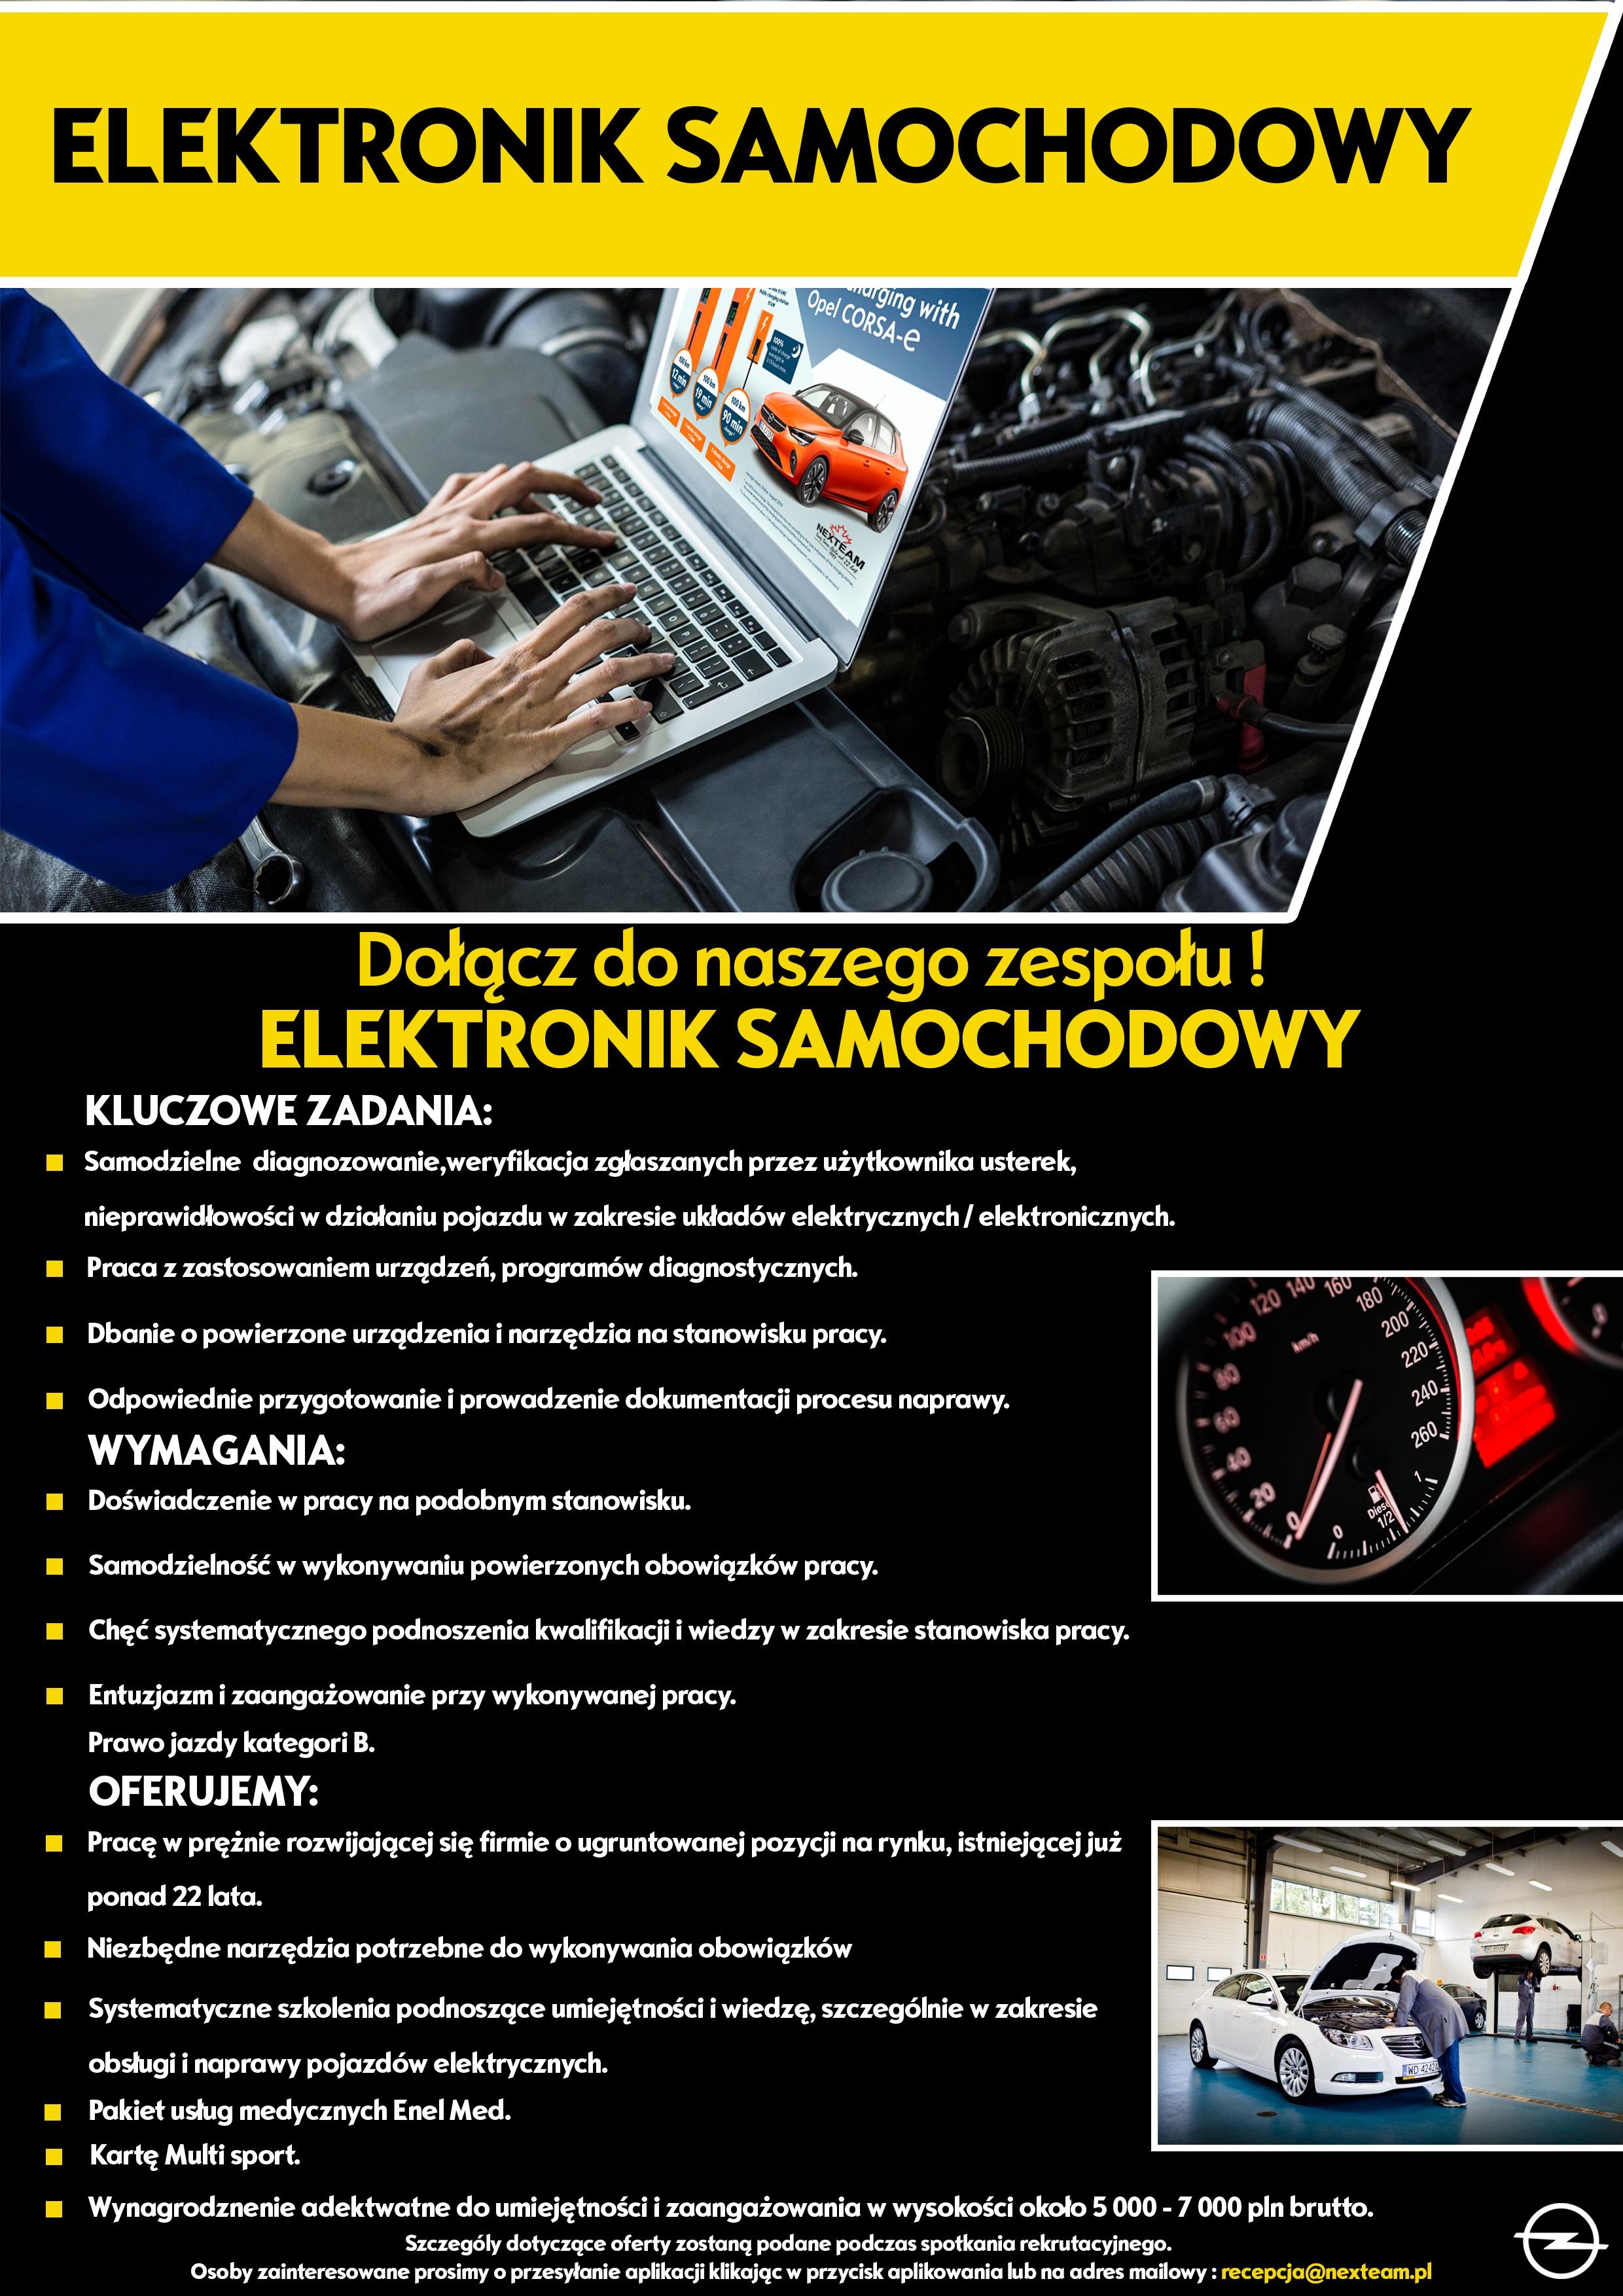 Elektronik samochodowy